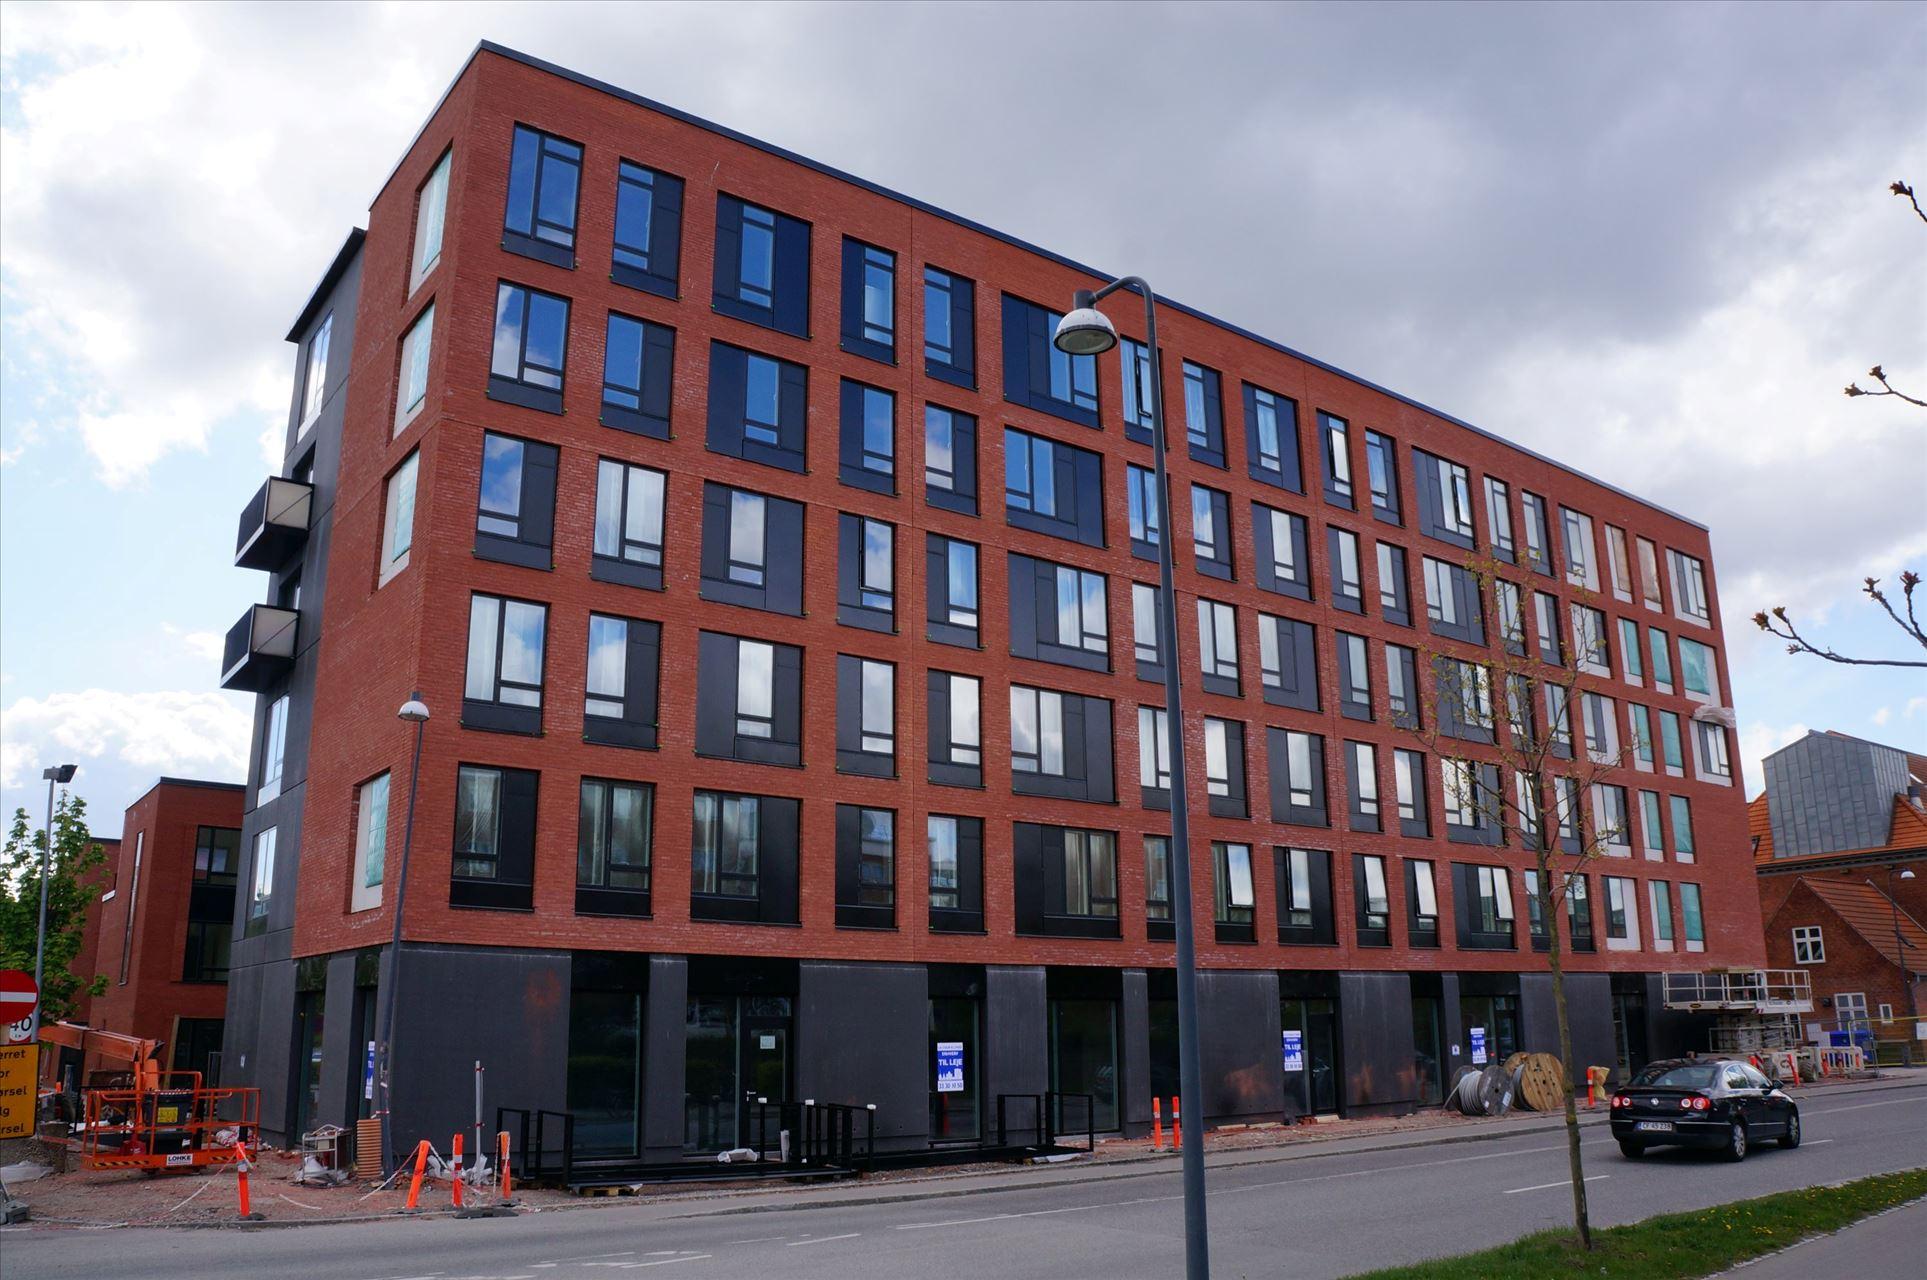 272 m² butik/kontor/klinik – Teglholmen